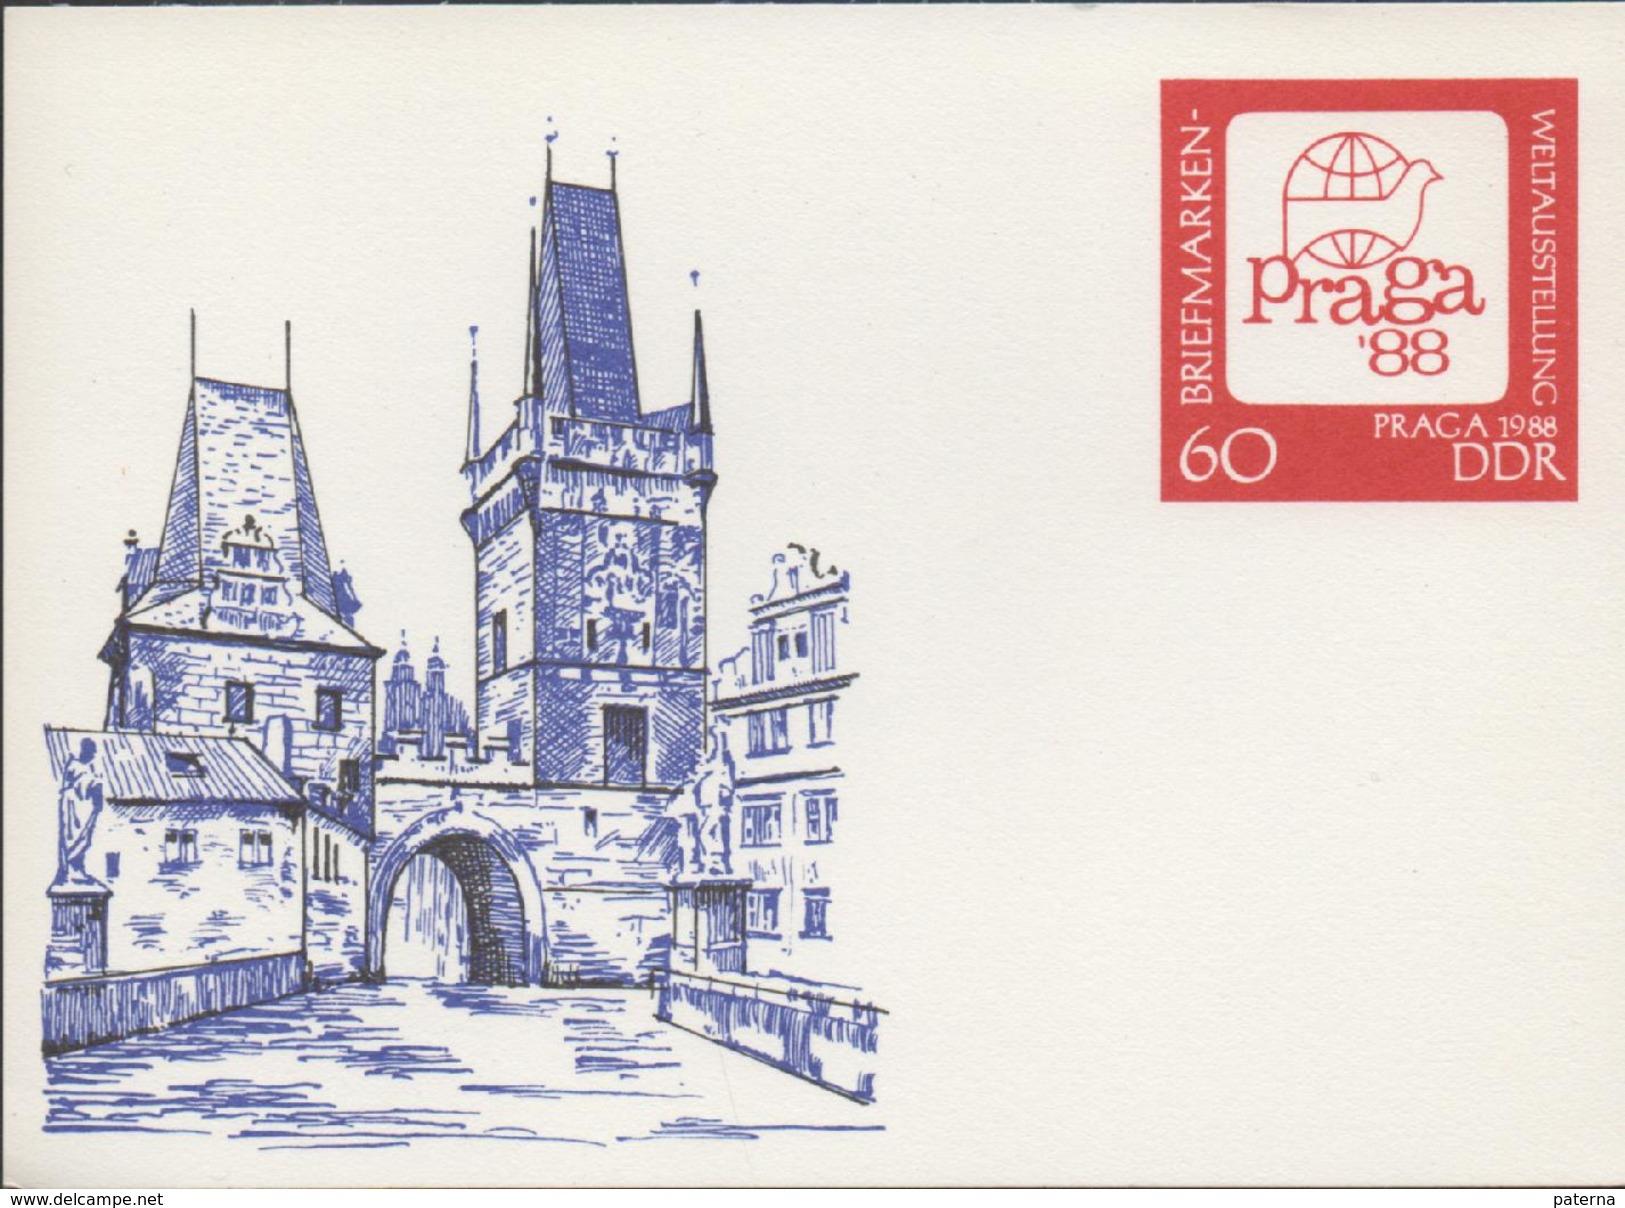 3132   Entero  Postal  Praga 1988  Alemania, DDR Briefmarken - [6] República Democrática